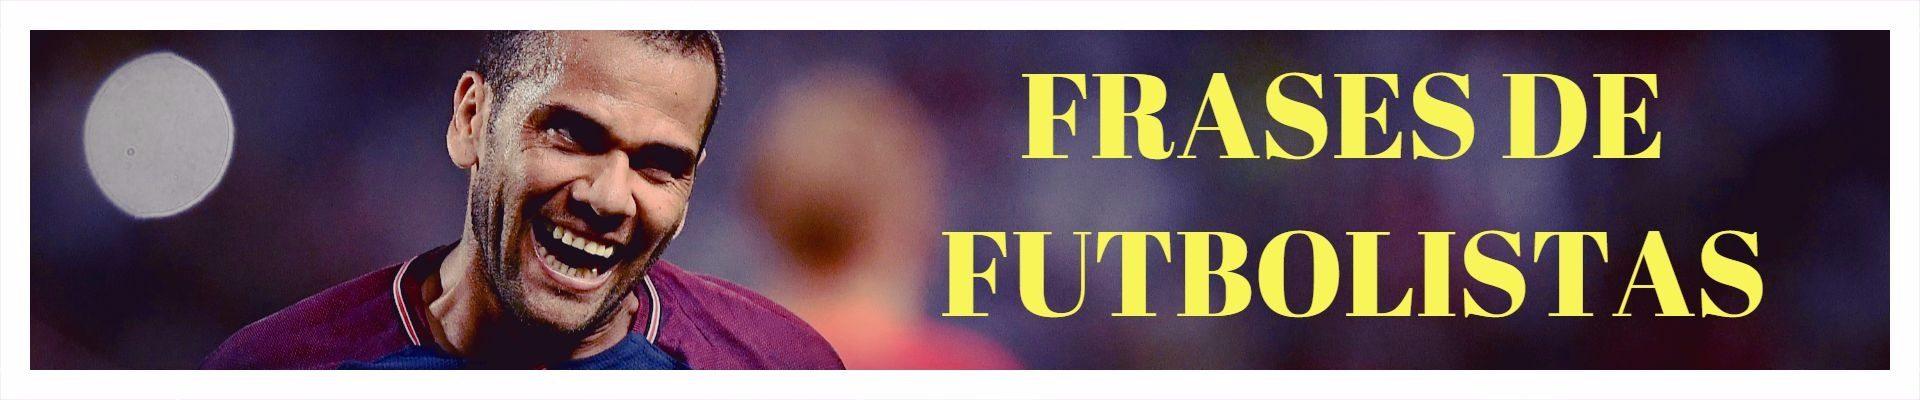 Frases De Paulo Dybala Frases De Futbolistas